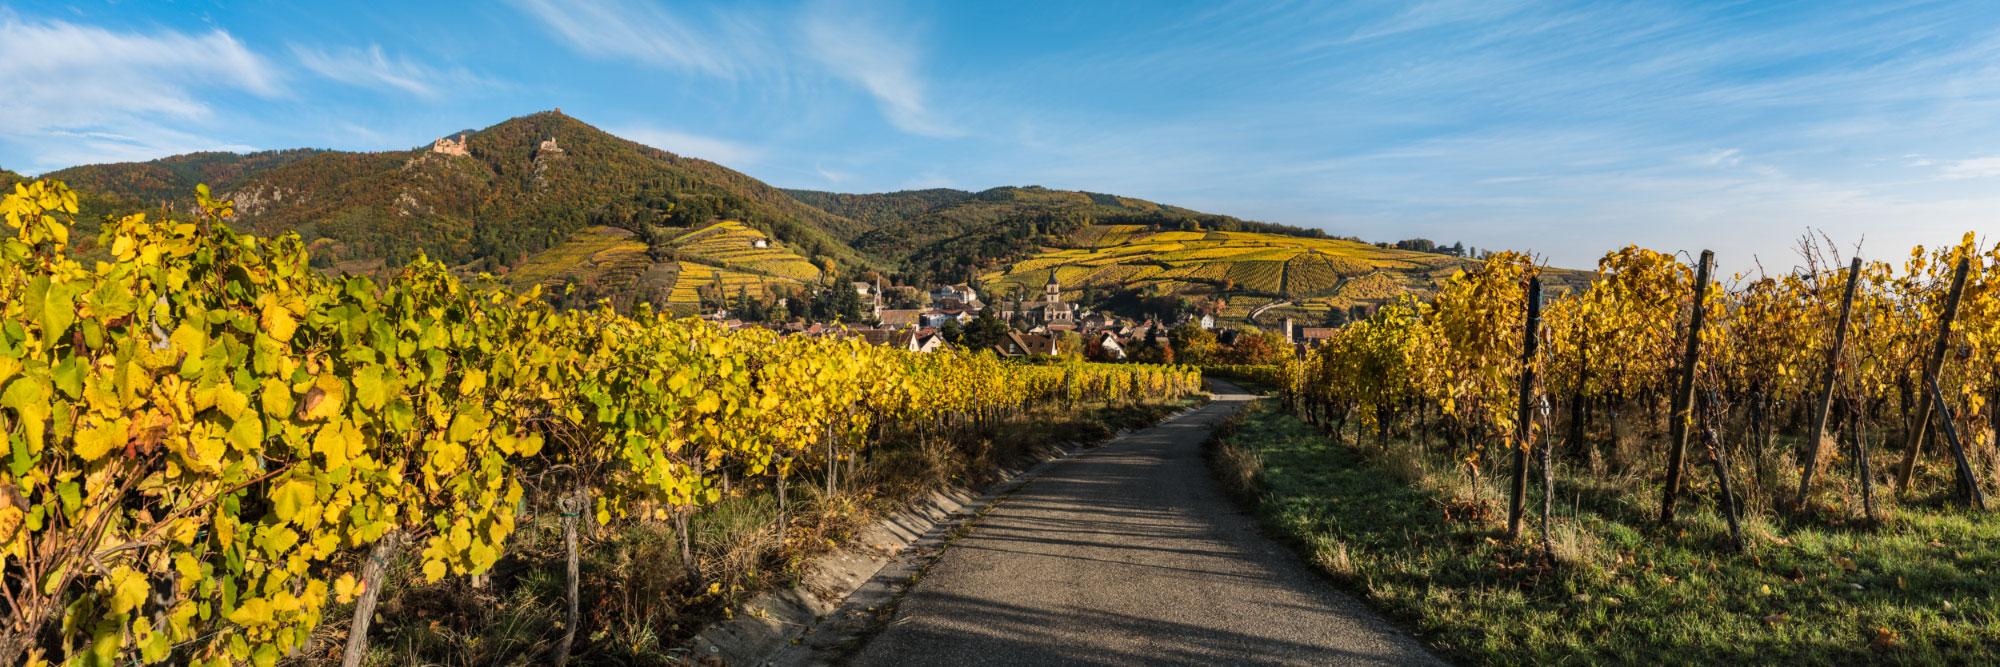 Route des vins d'Alsace, Ribeauvillé, dominé par les châteaux de Saint-Ulrich et de Girsberg et le donjon du Haut-Ribeaupierre, Vosges